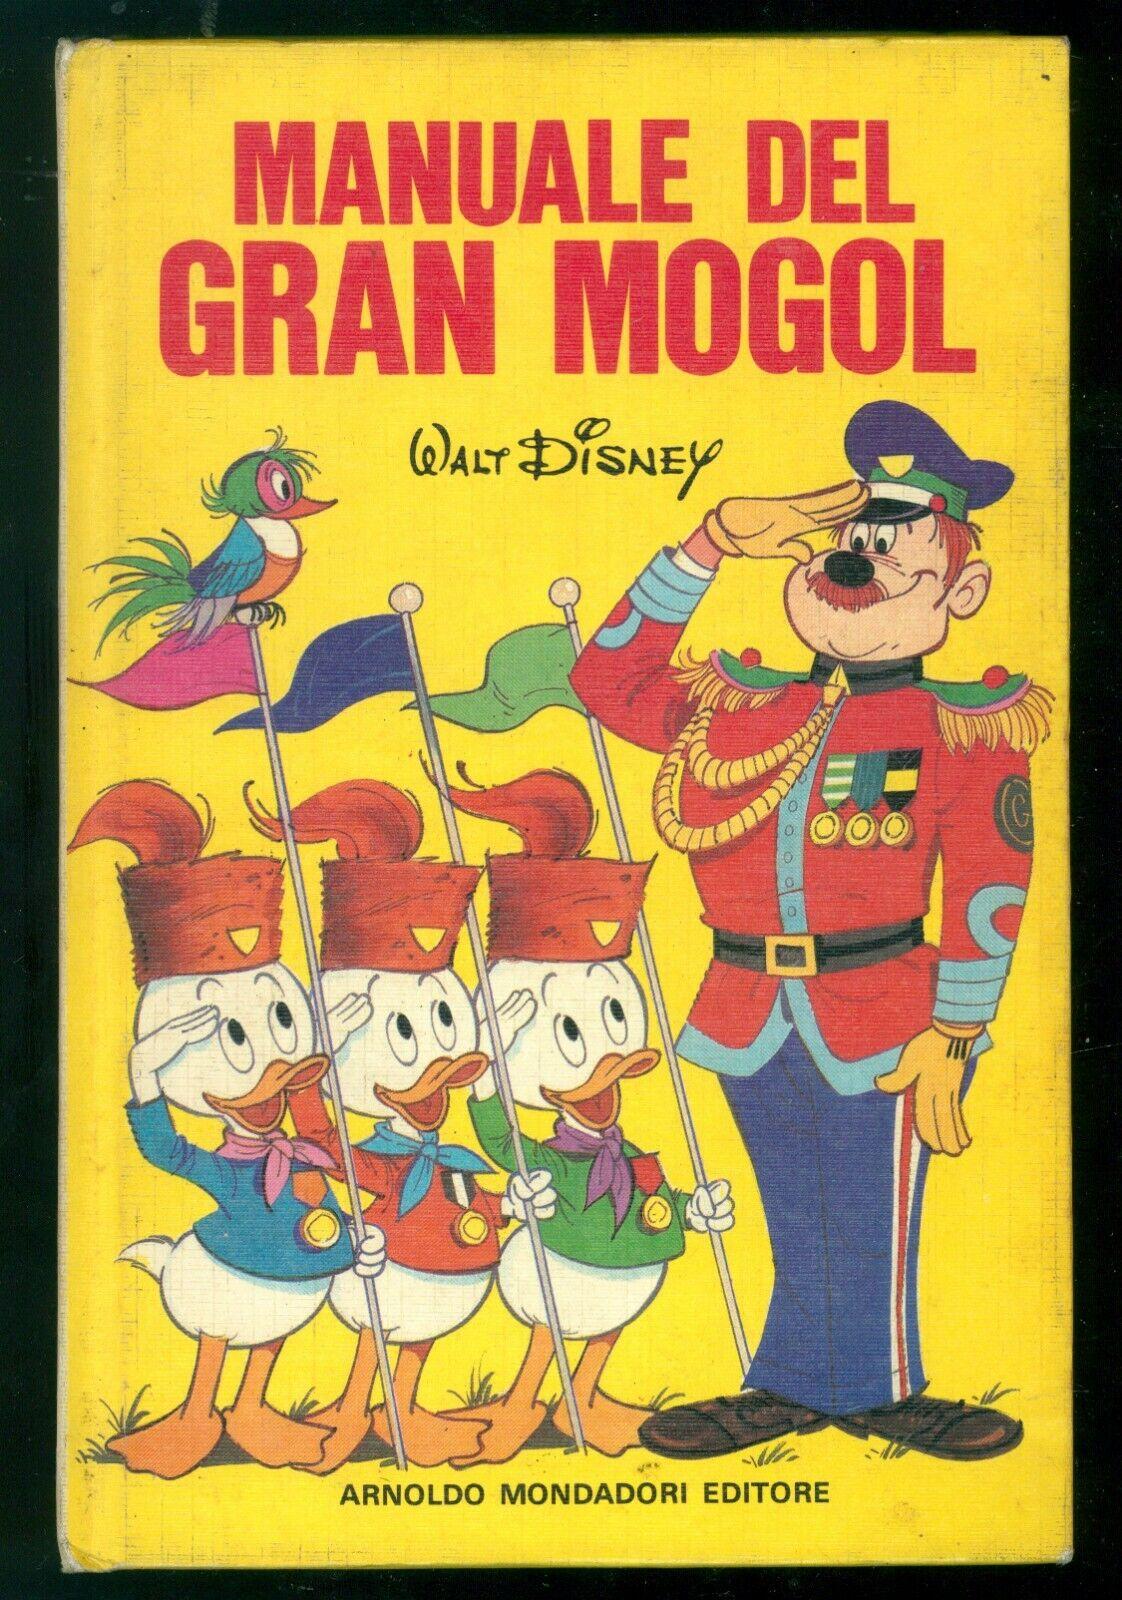 WALT DISNEY GENTILINI MARIO MANUALE DEL GRAN MOGOL MONDADORI 1980 PRIMA EDIZIONE